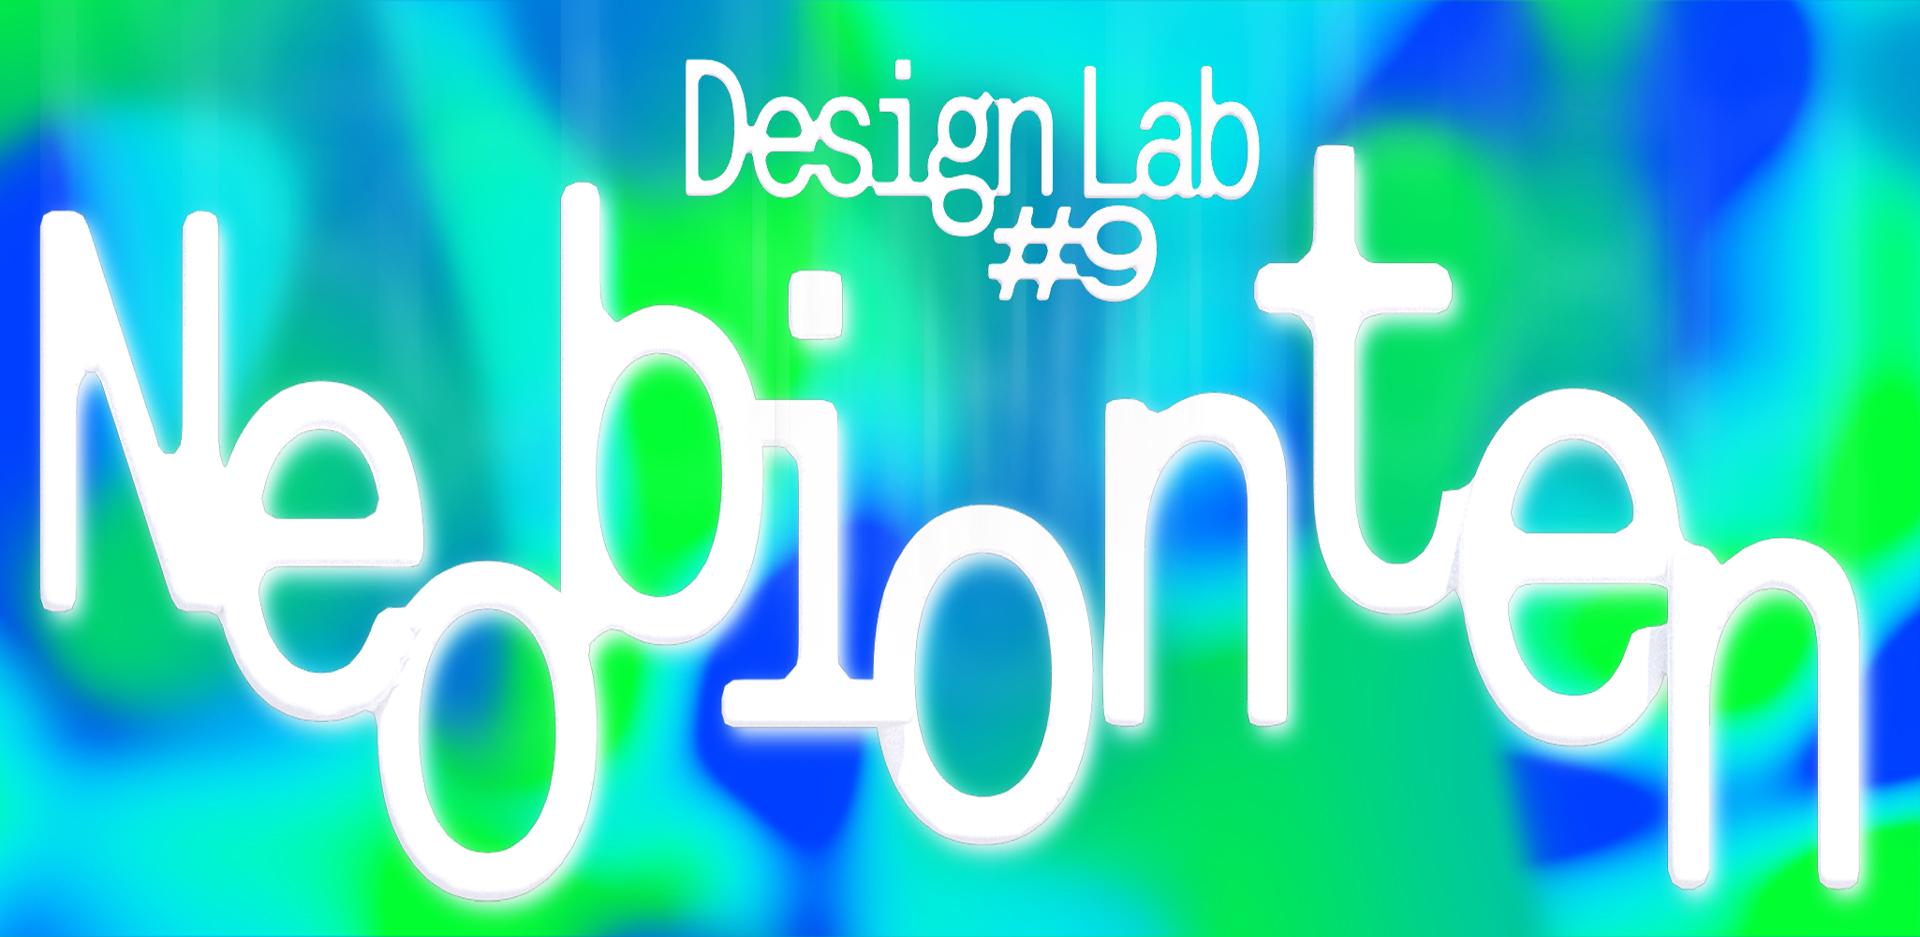 Grafisches Banner des Design Lab #9 Neobionten